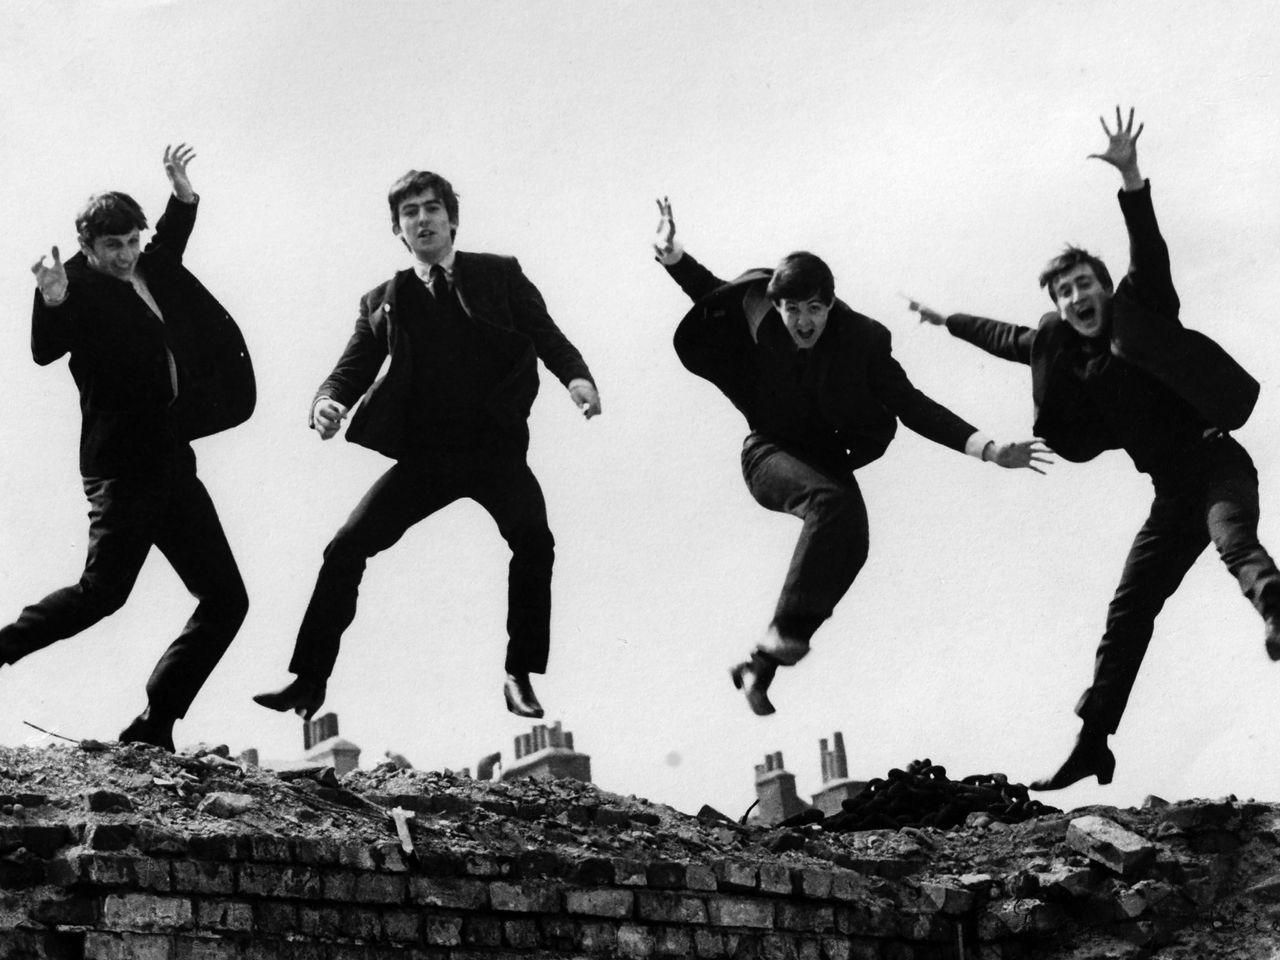 1000 Yıl Korunacak: The Beatles Eserleri Kıyamet Günü Kasası'nda Saklanacak